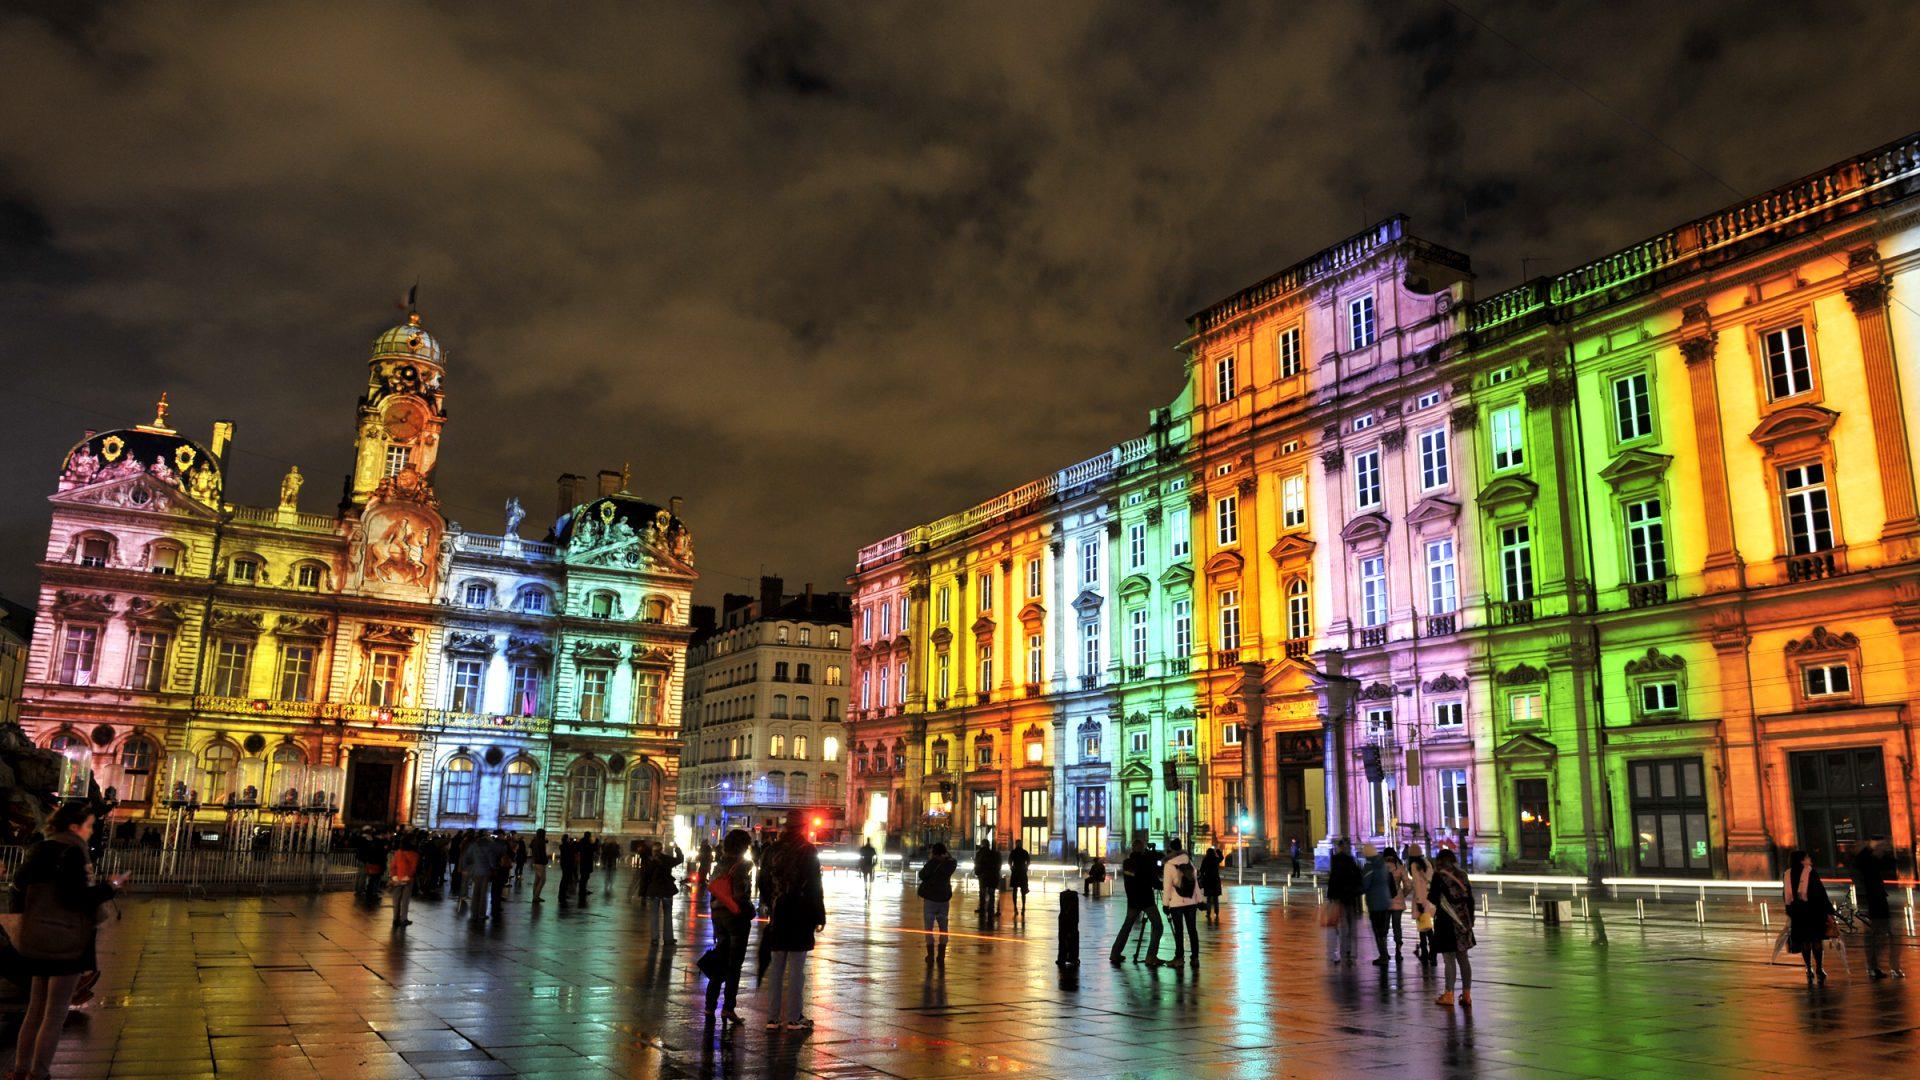 Lione risplende per la Fête des Lumières, dall'8 al 10 dicembre tre notti di luci e spettacoli